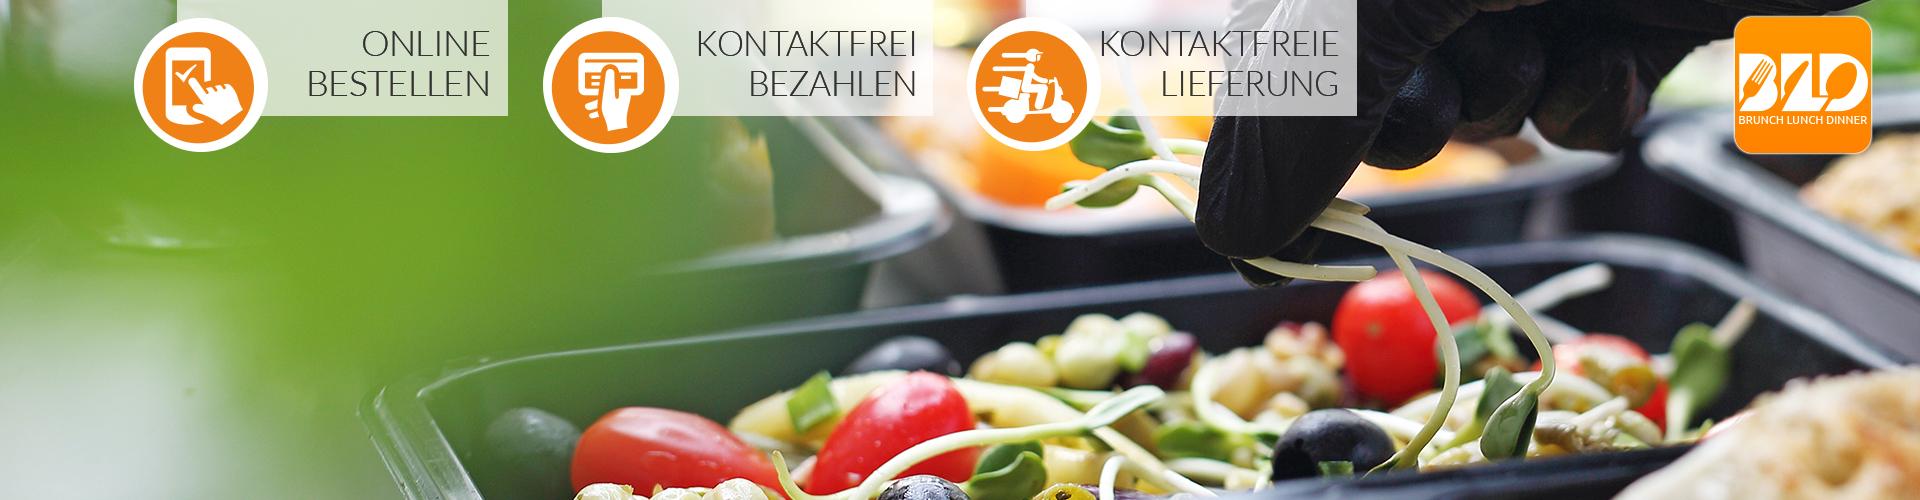 Online Bestellsystem für Lieferservice, Speisekarte mit Bestellmöglichkeit und Online-Bezahlung.